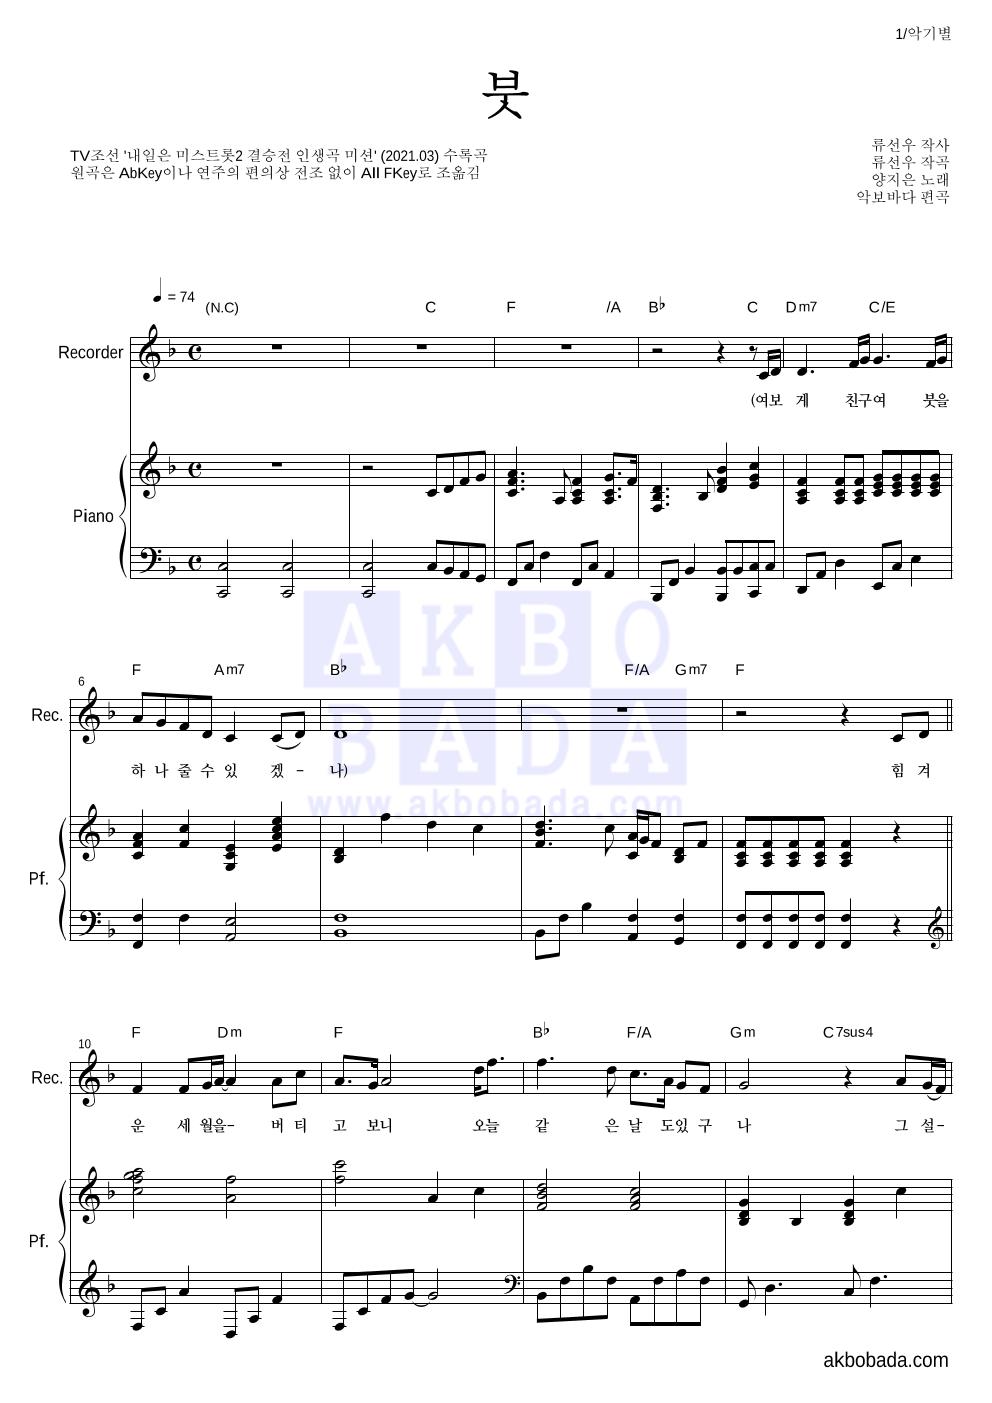 양지은 - 붓 리코더&피아노 악보